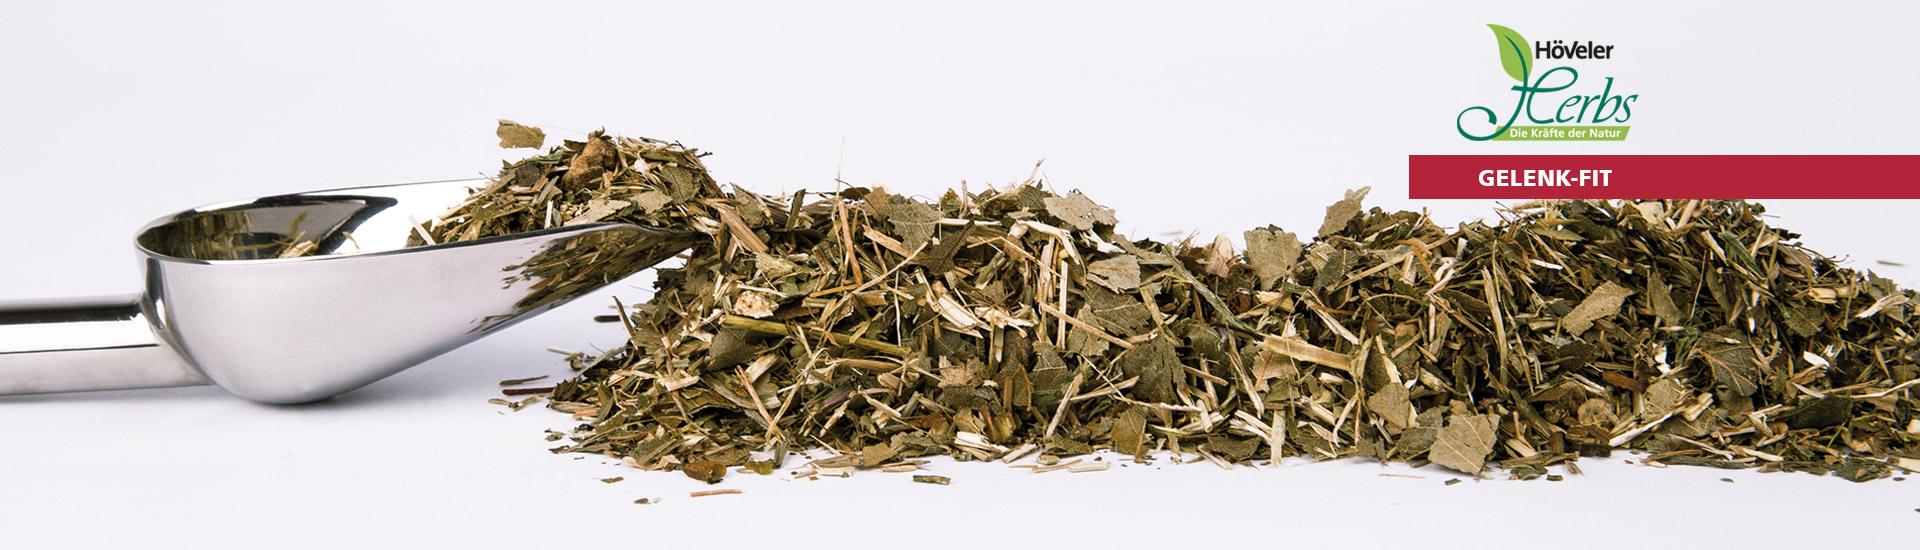 Höveler Herbs - Gelenk-Fit